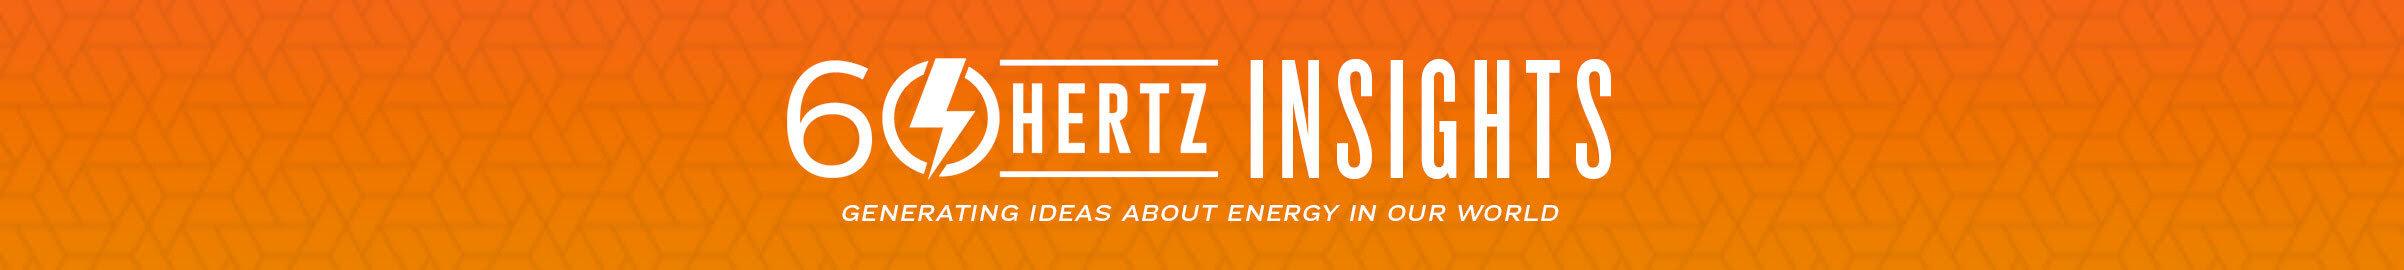 60hertz-blog-header